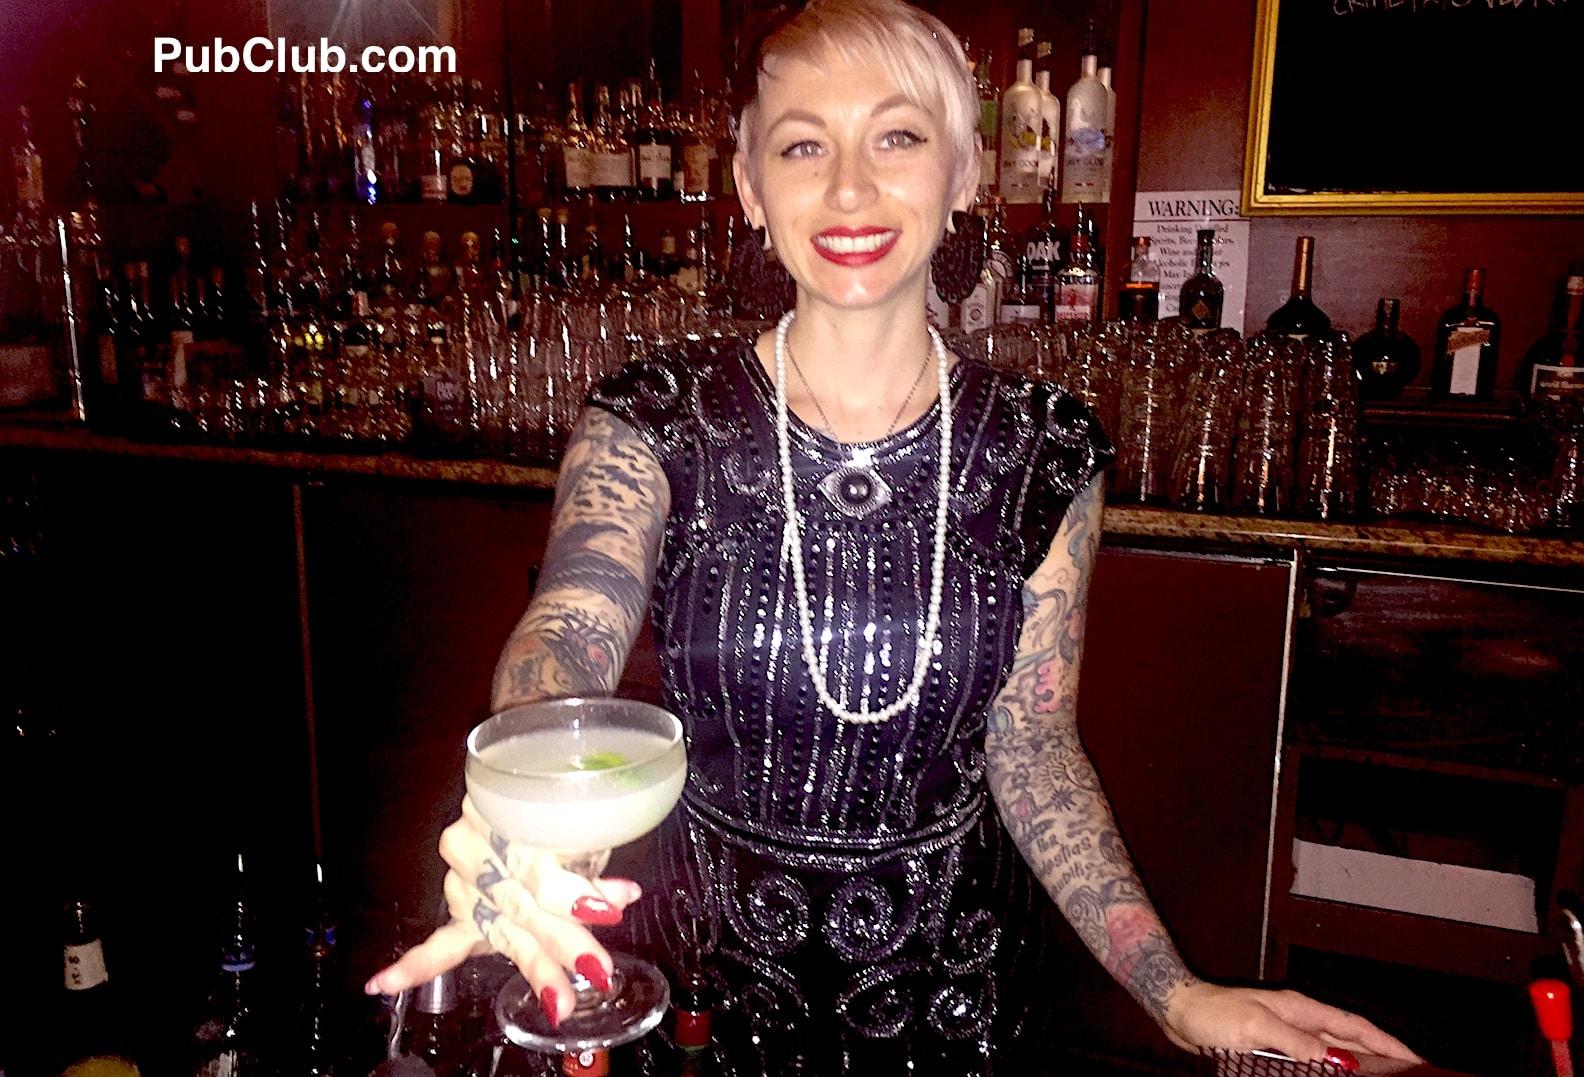 The Federal Bar Long Beach CA cocktail